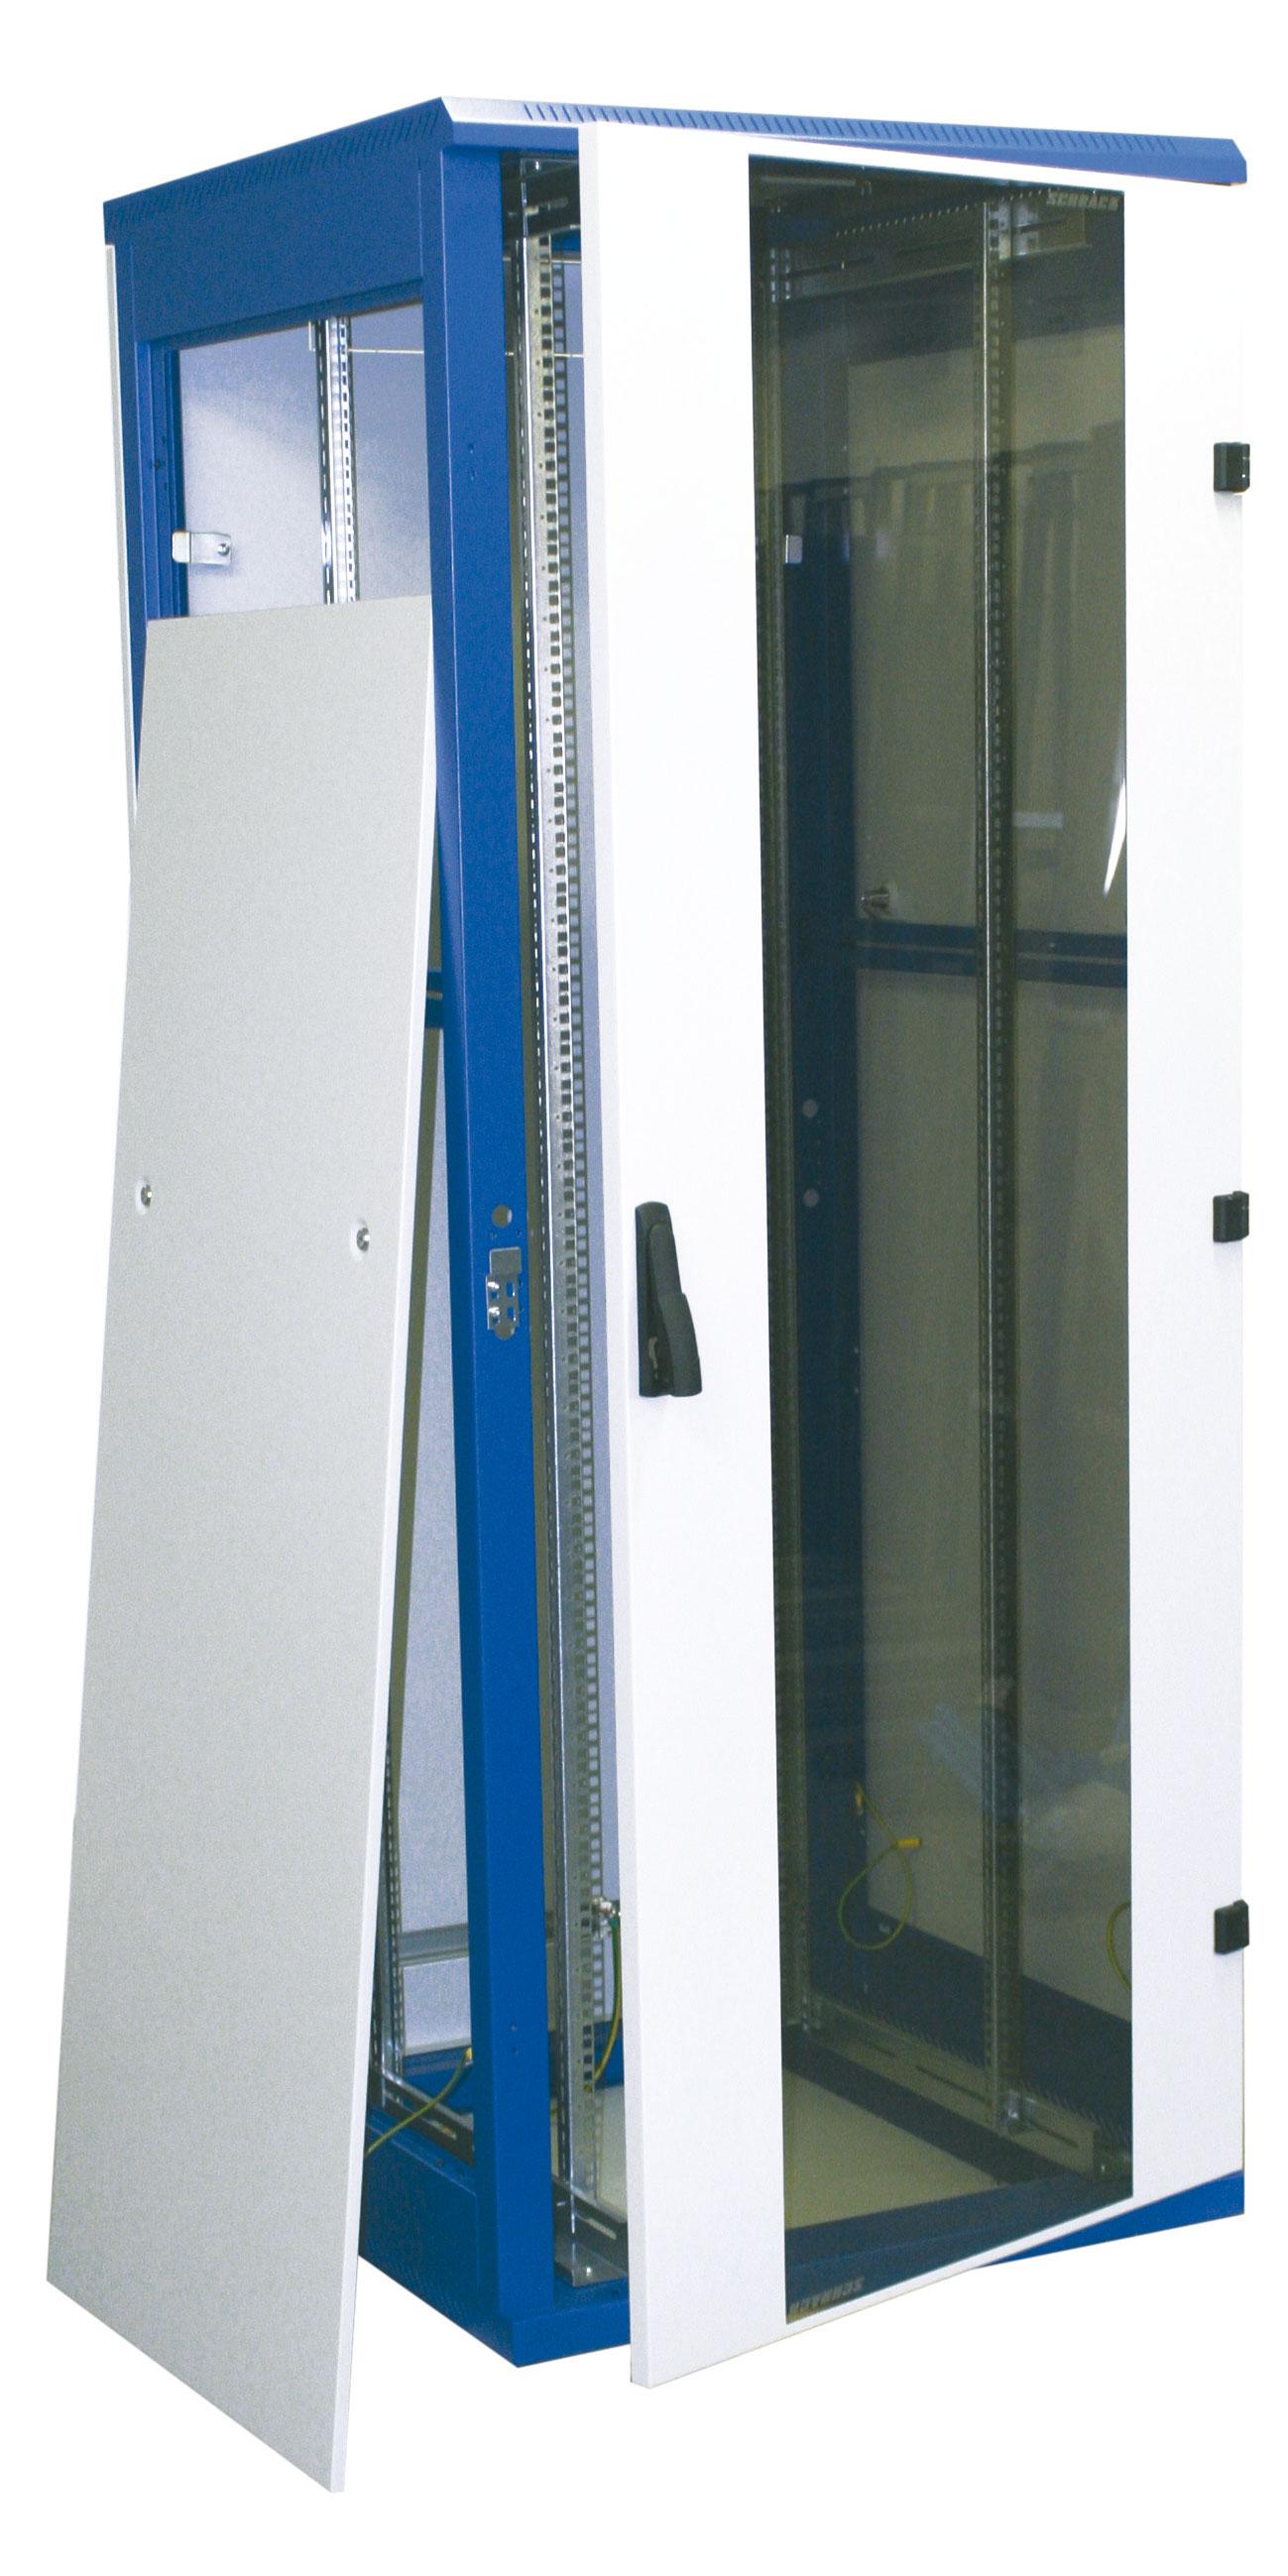 1 Stk Netzwerk-Standschrank DSZ,zerlegbar,B600xH1970xT1200,1942HE DSZ426020-